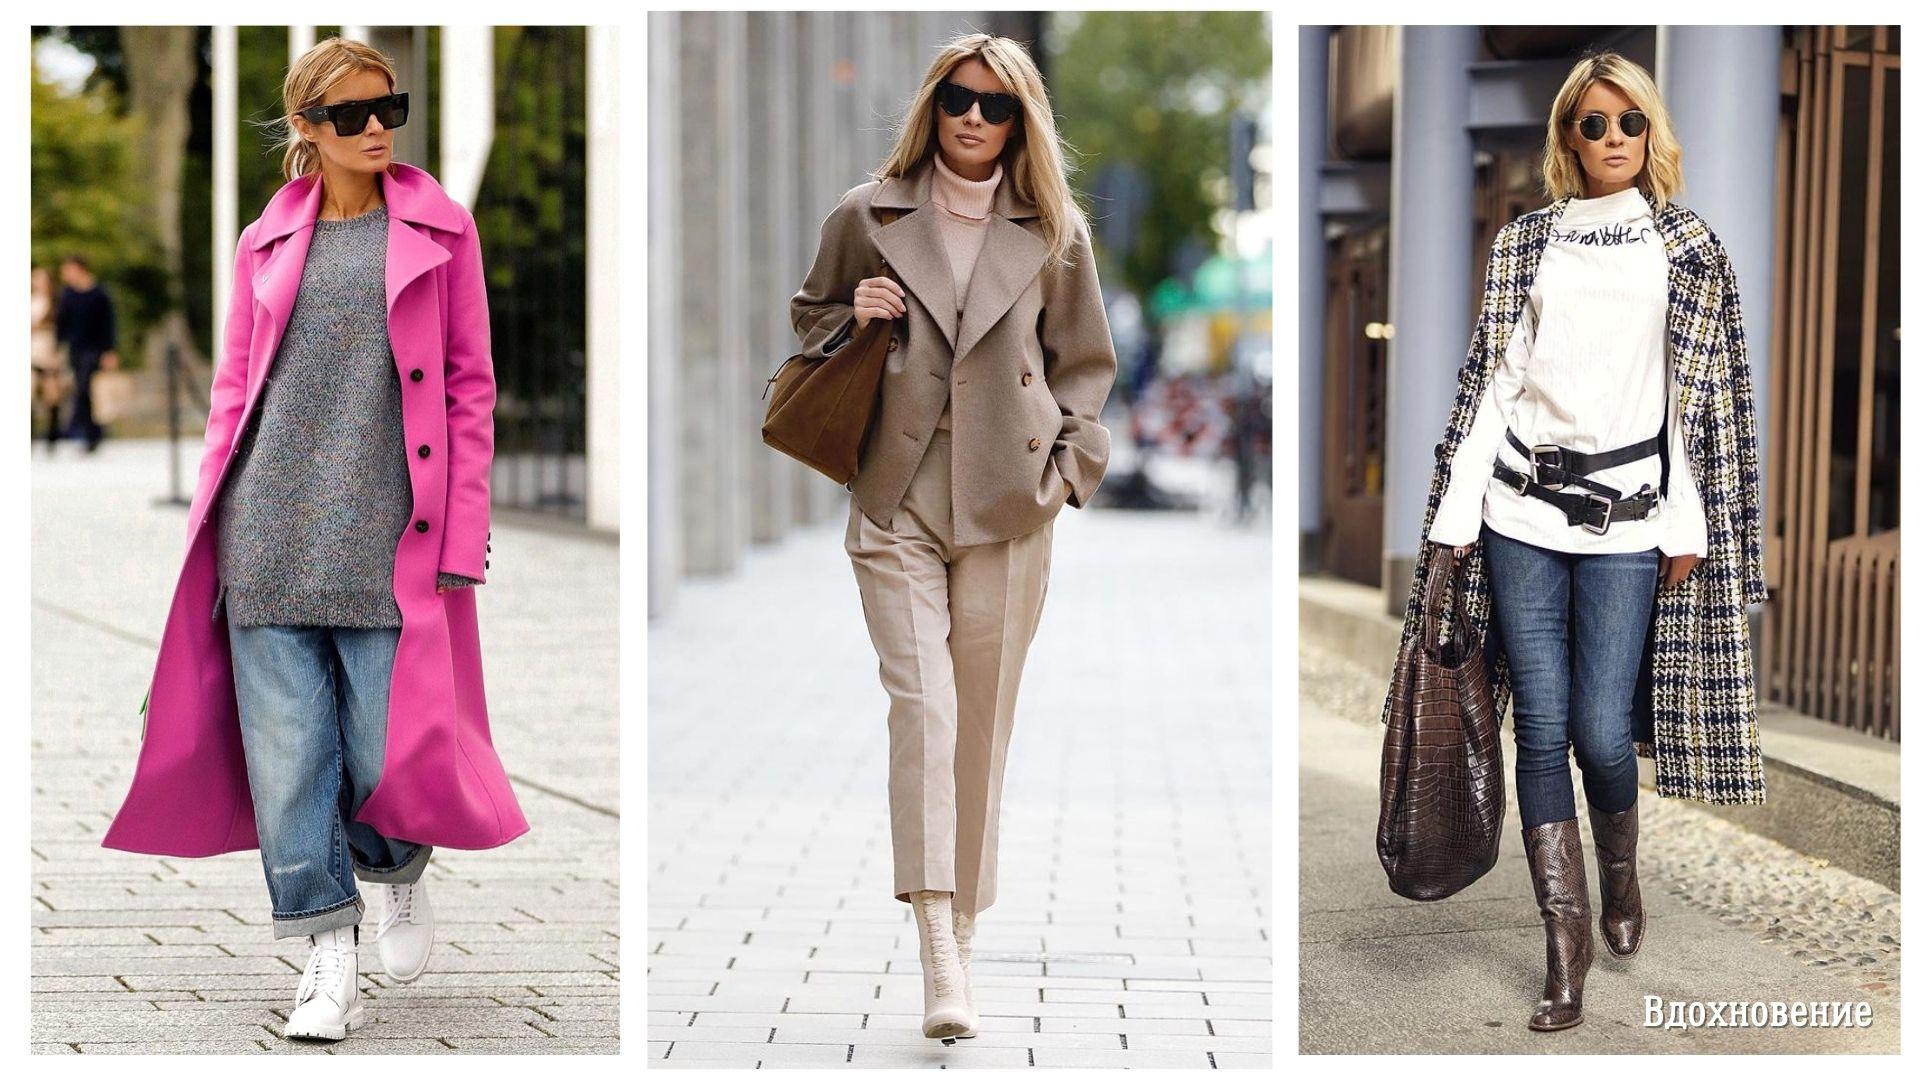 Модный мастер-класс от Гитты Банко - стильные осенние образы знаменитой модницы из Германии